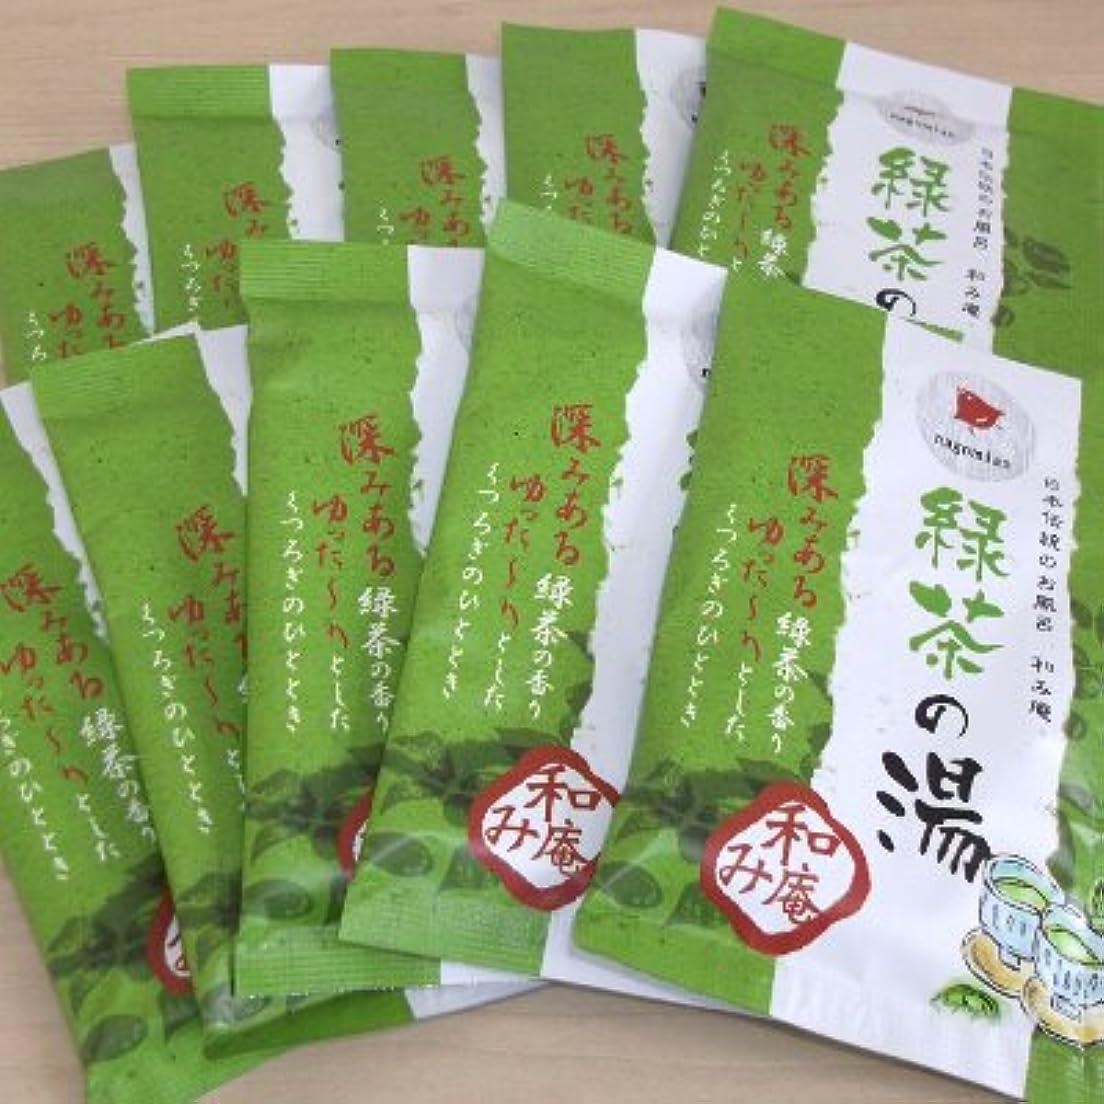 信頼性のある死の顎駅和み庵 緑茶の湯 10包セット